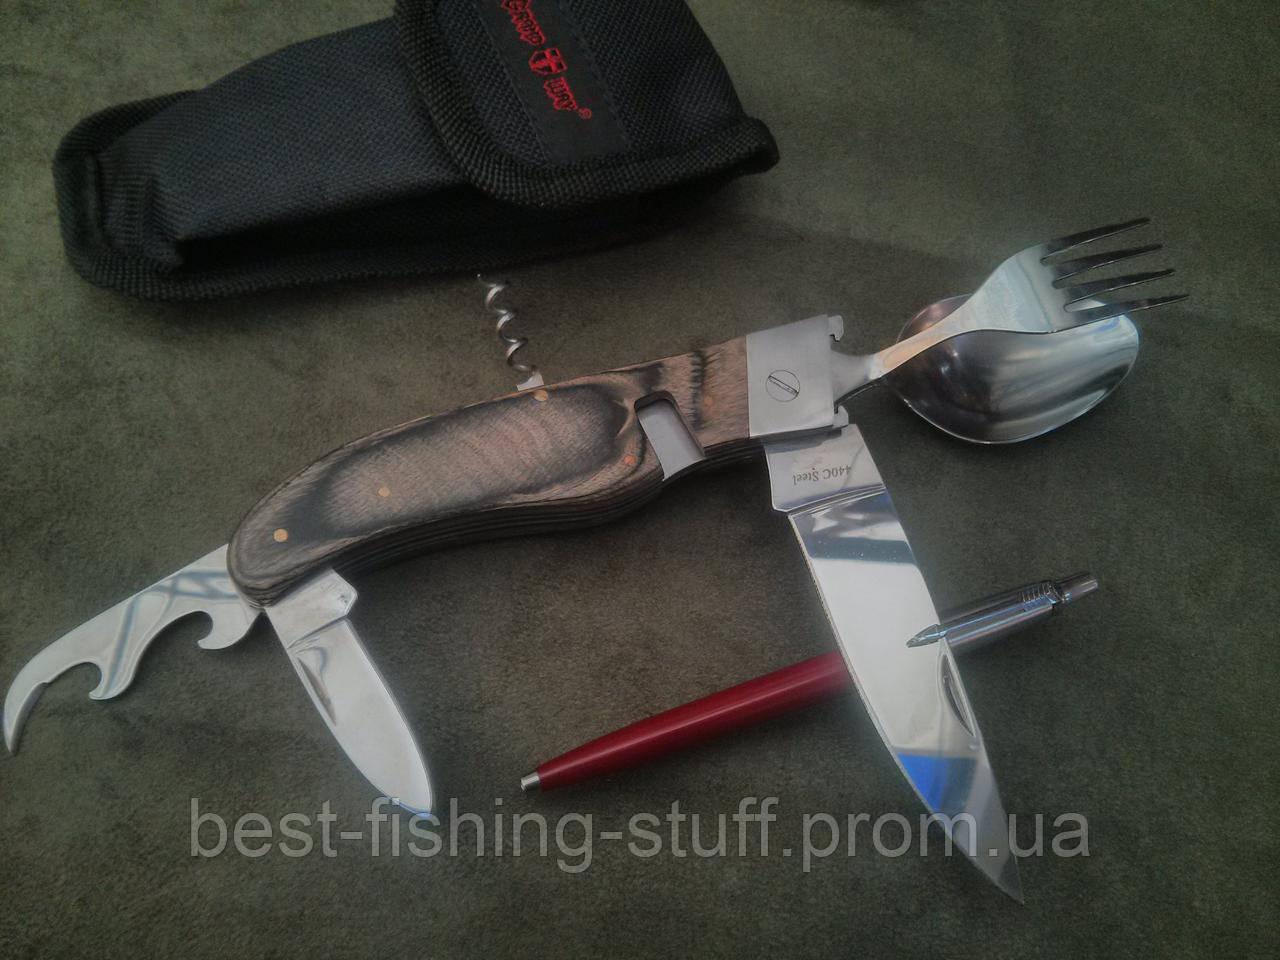 Нож многофункциональный 34ТК-Р